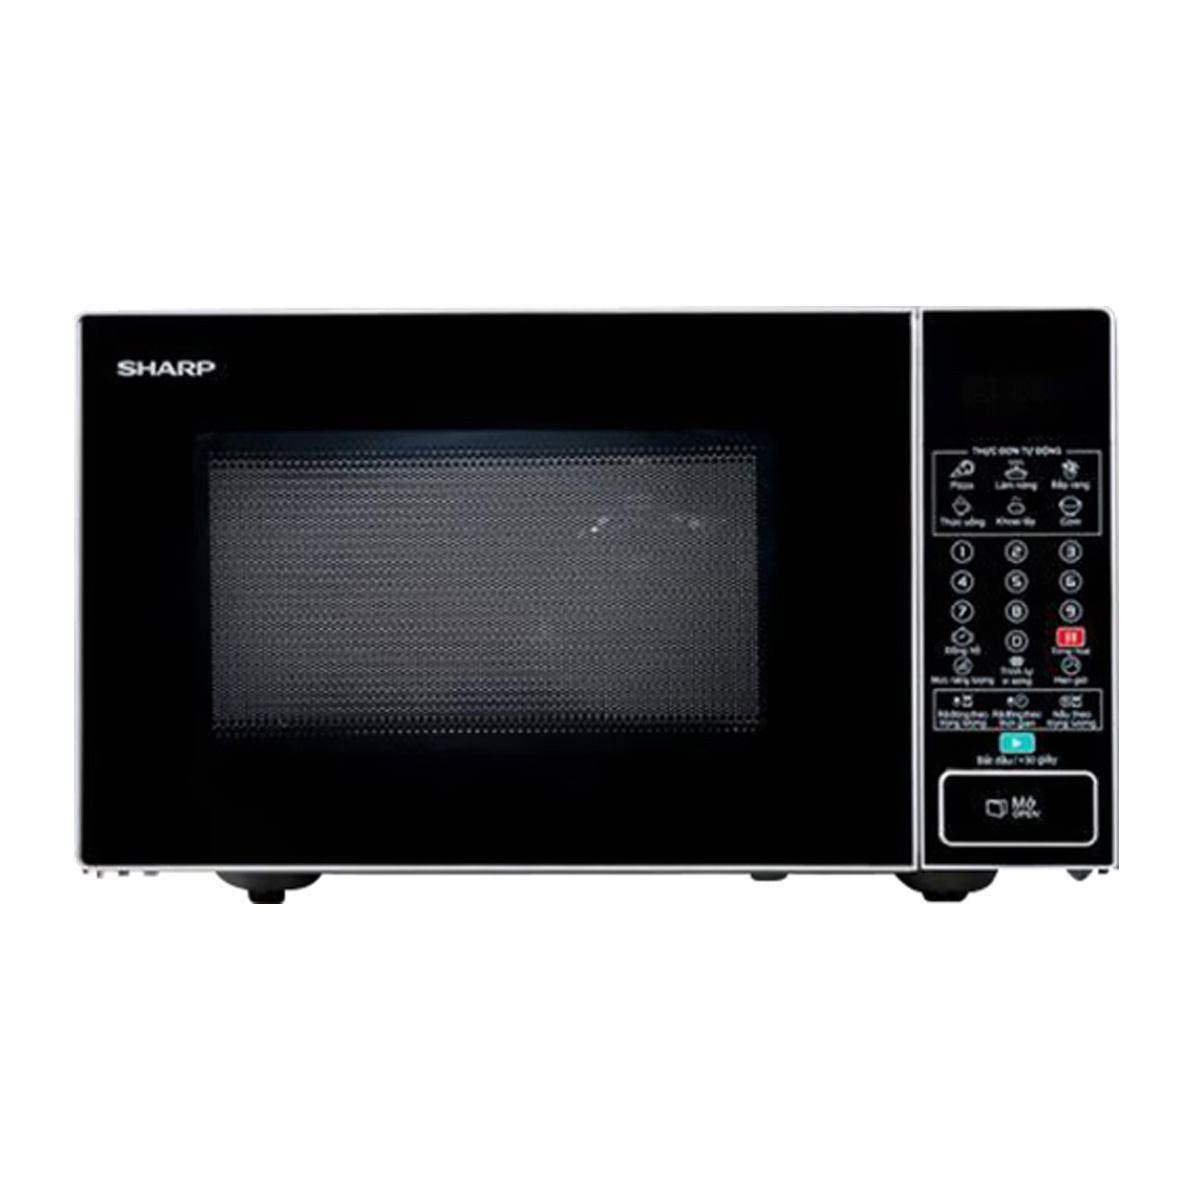 Lò vi sóng Sharp 23L R370VN-S màu bạc - Hàng chính hãng